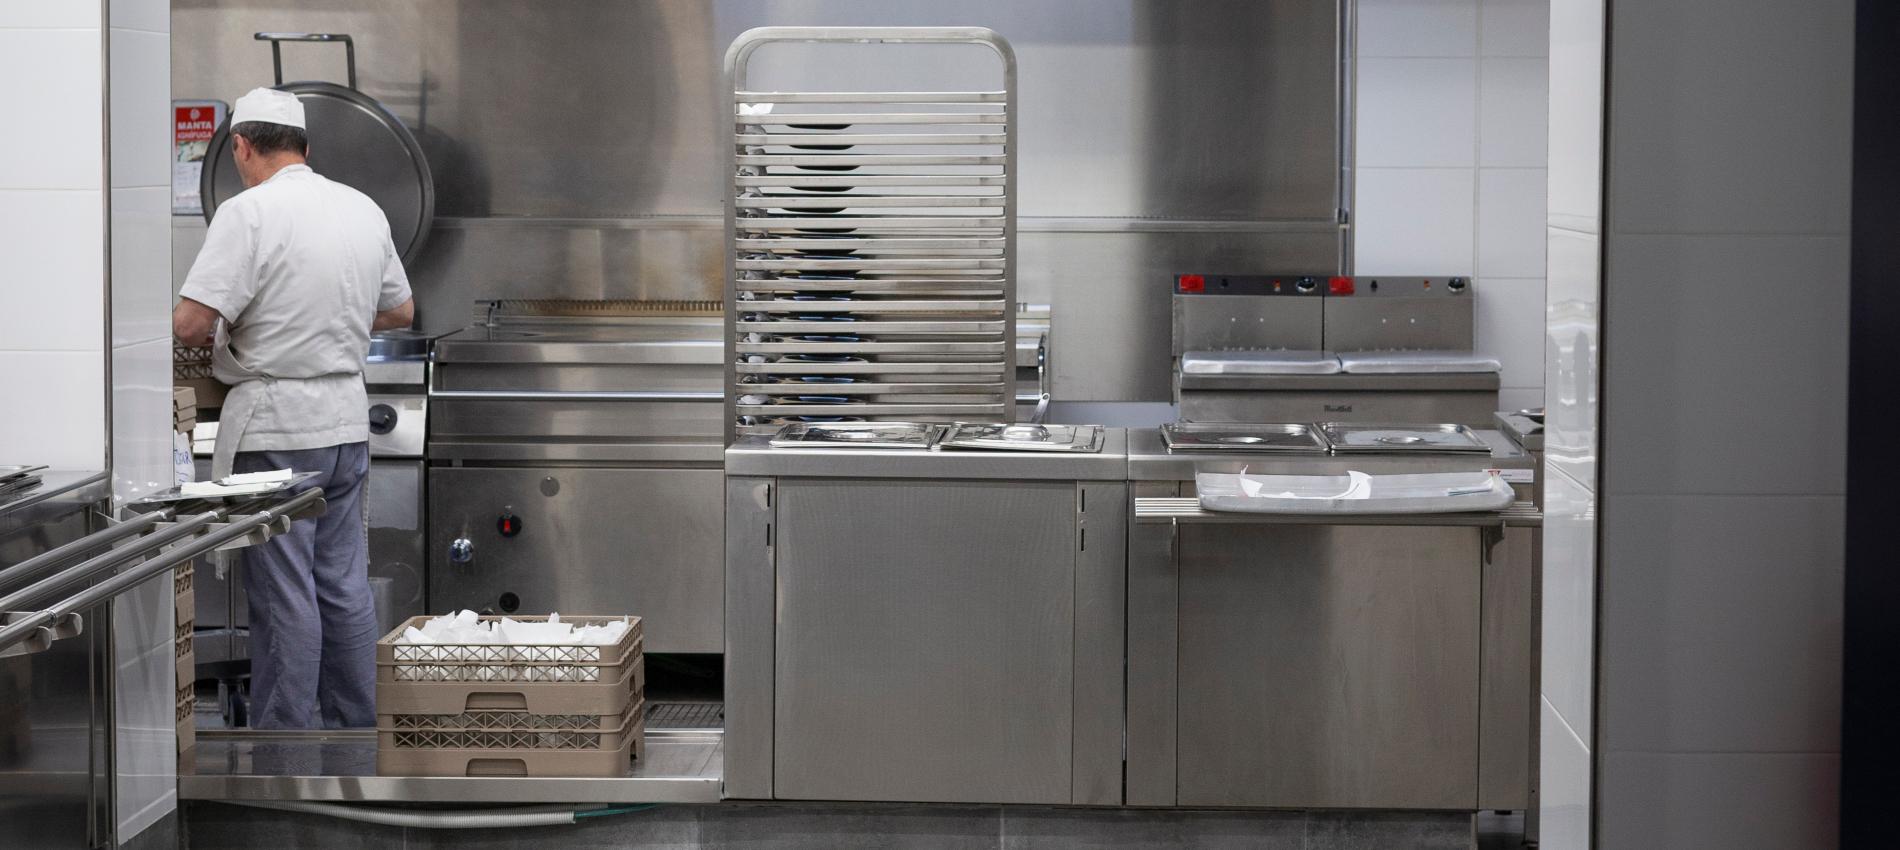 Servei de cuina